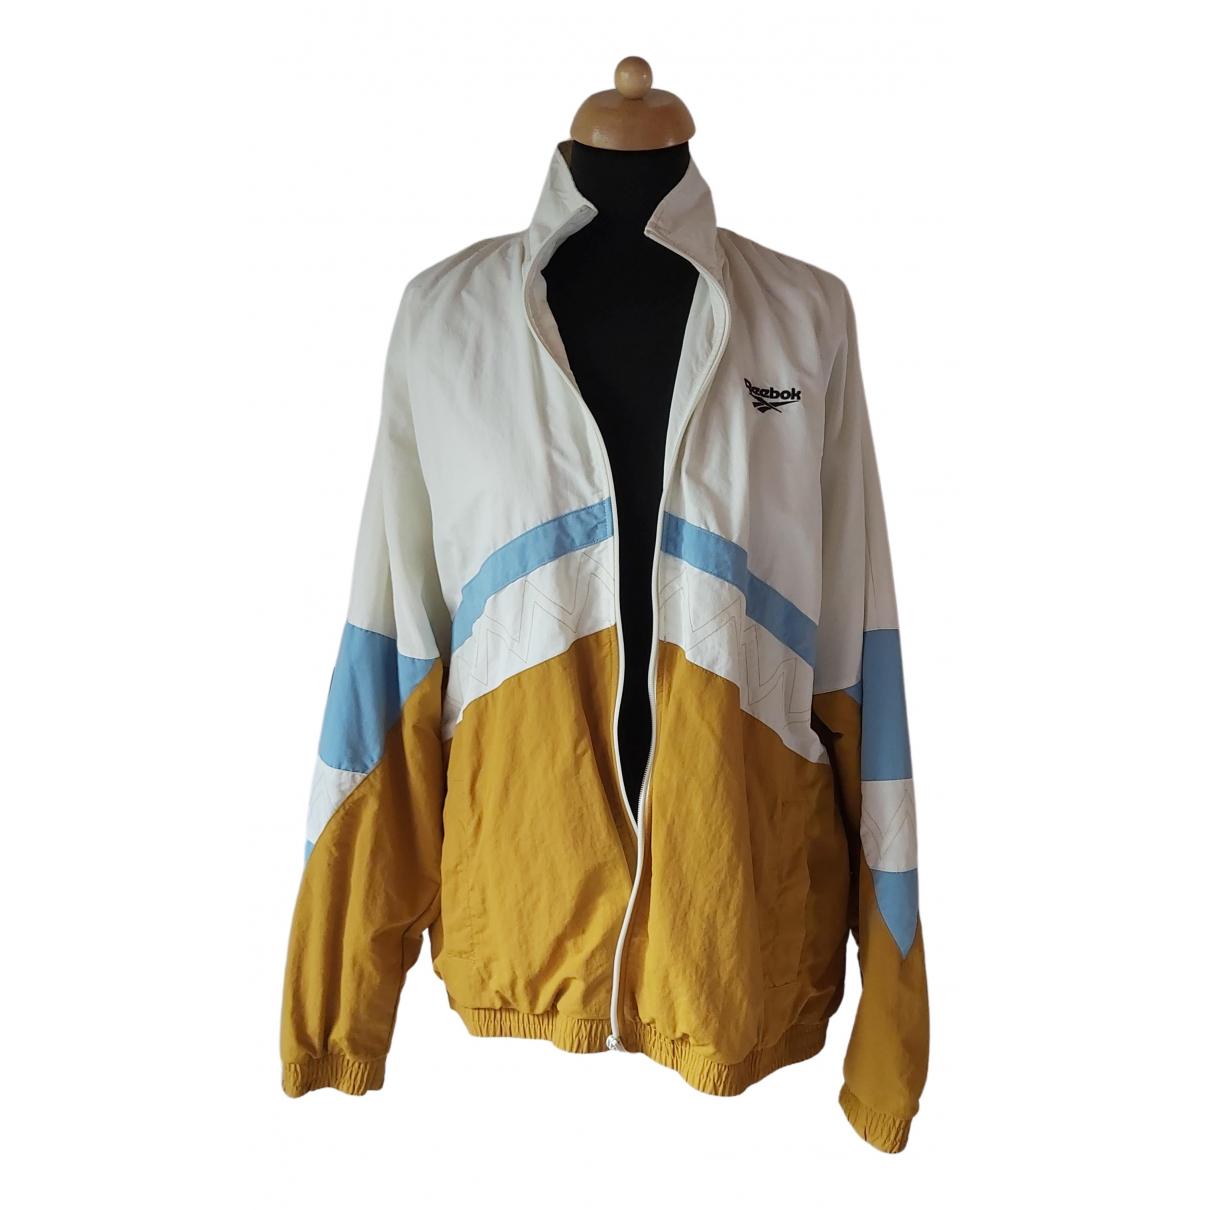 Reebok \N Multicolour jacket for Women L International